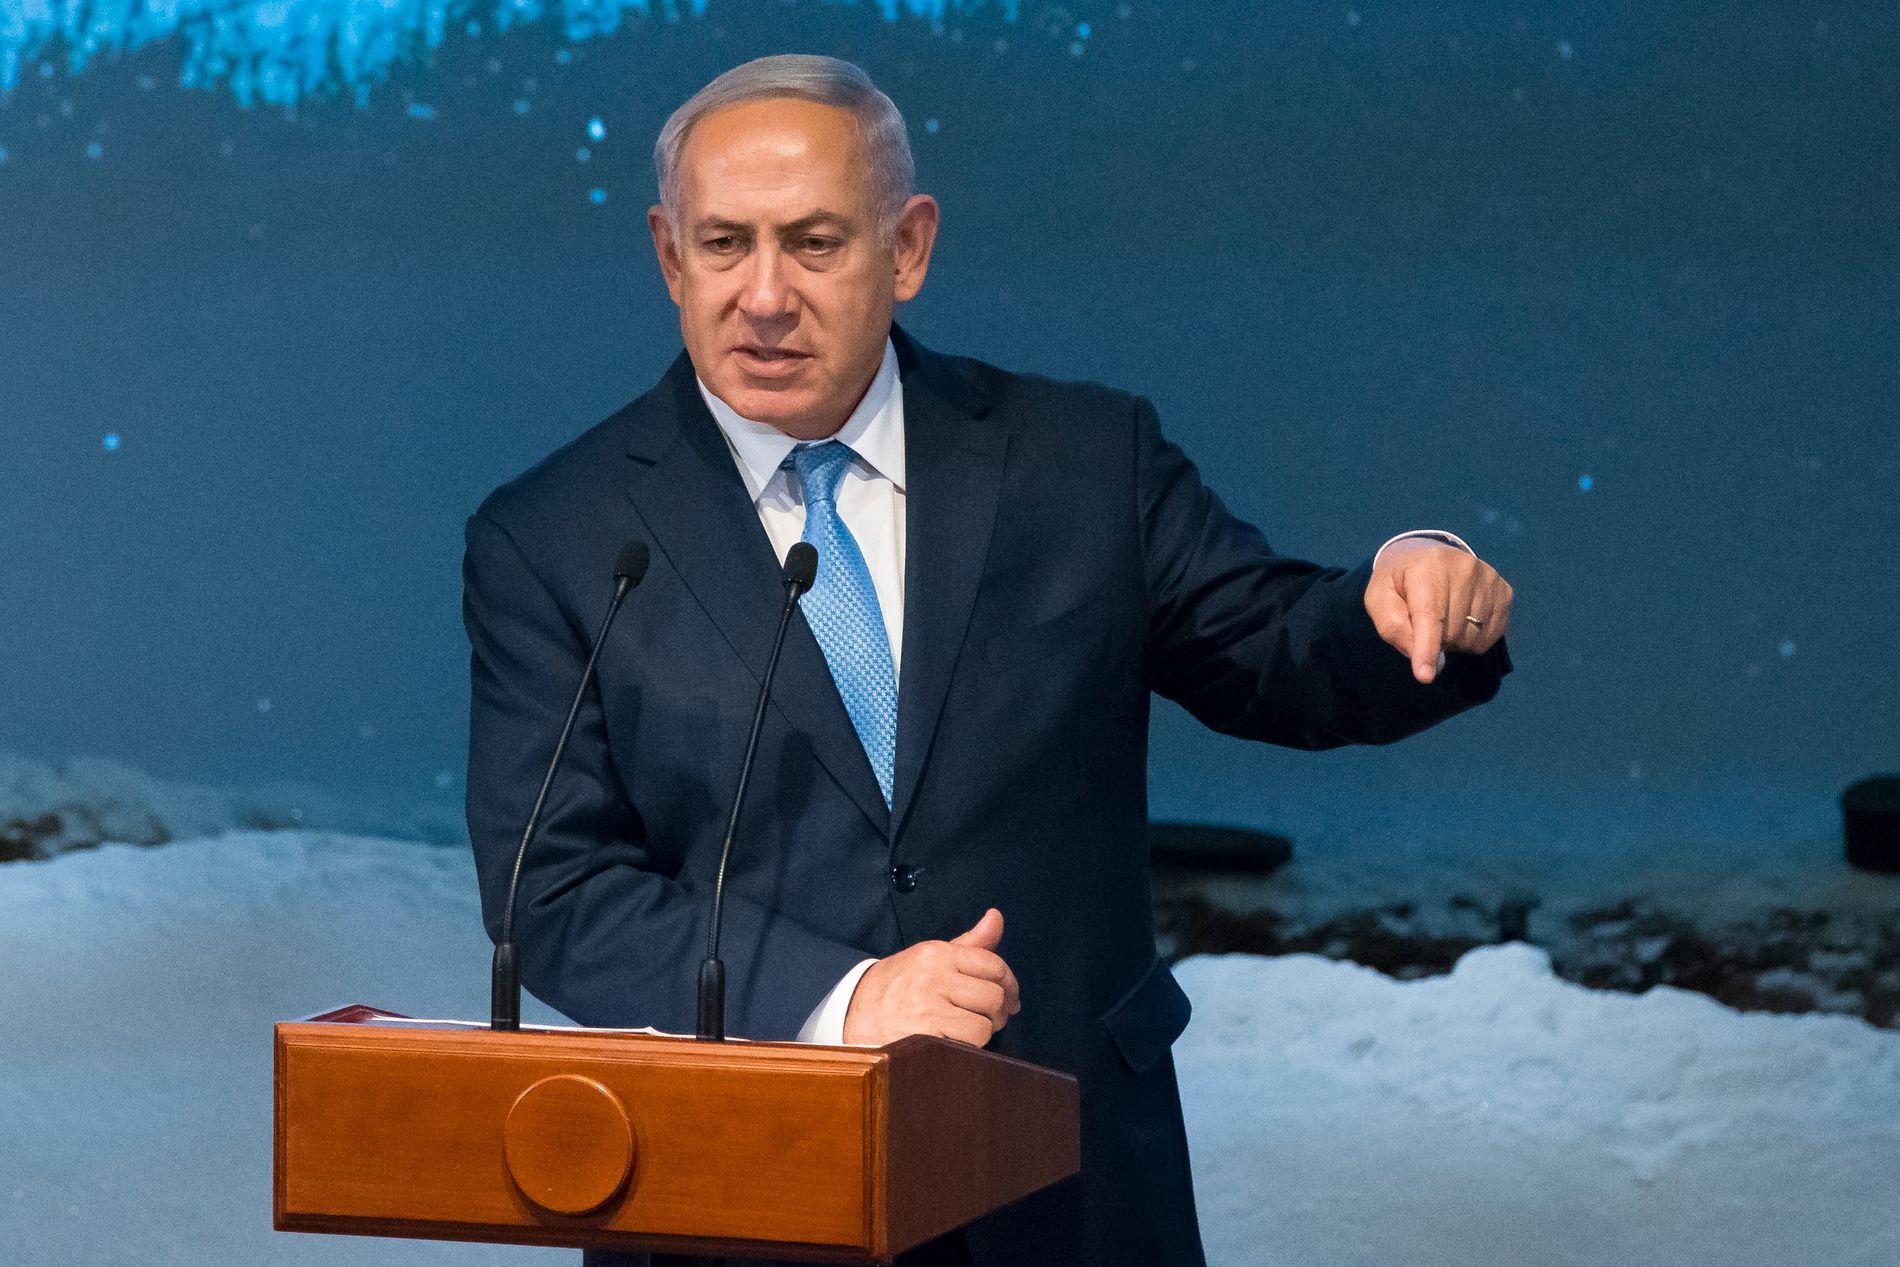 UENIGE: Statsminister Benjamin Netanyahu sier Israel og USA har diskutert annektering av områder på Vestbredden. Det er feil, sier Det hvite hus.